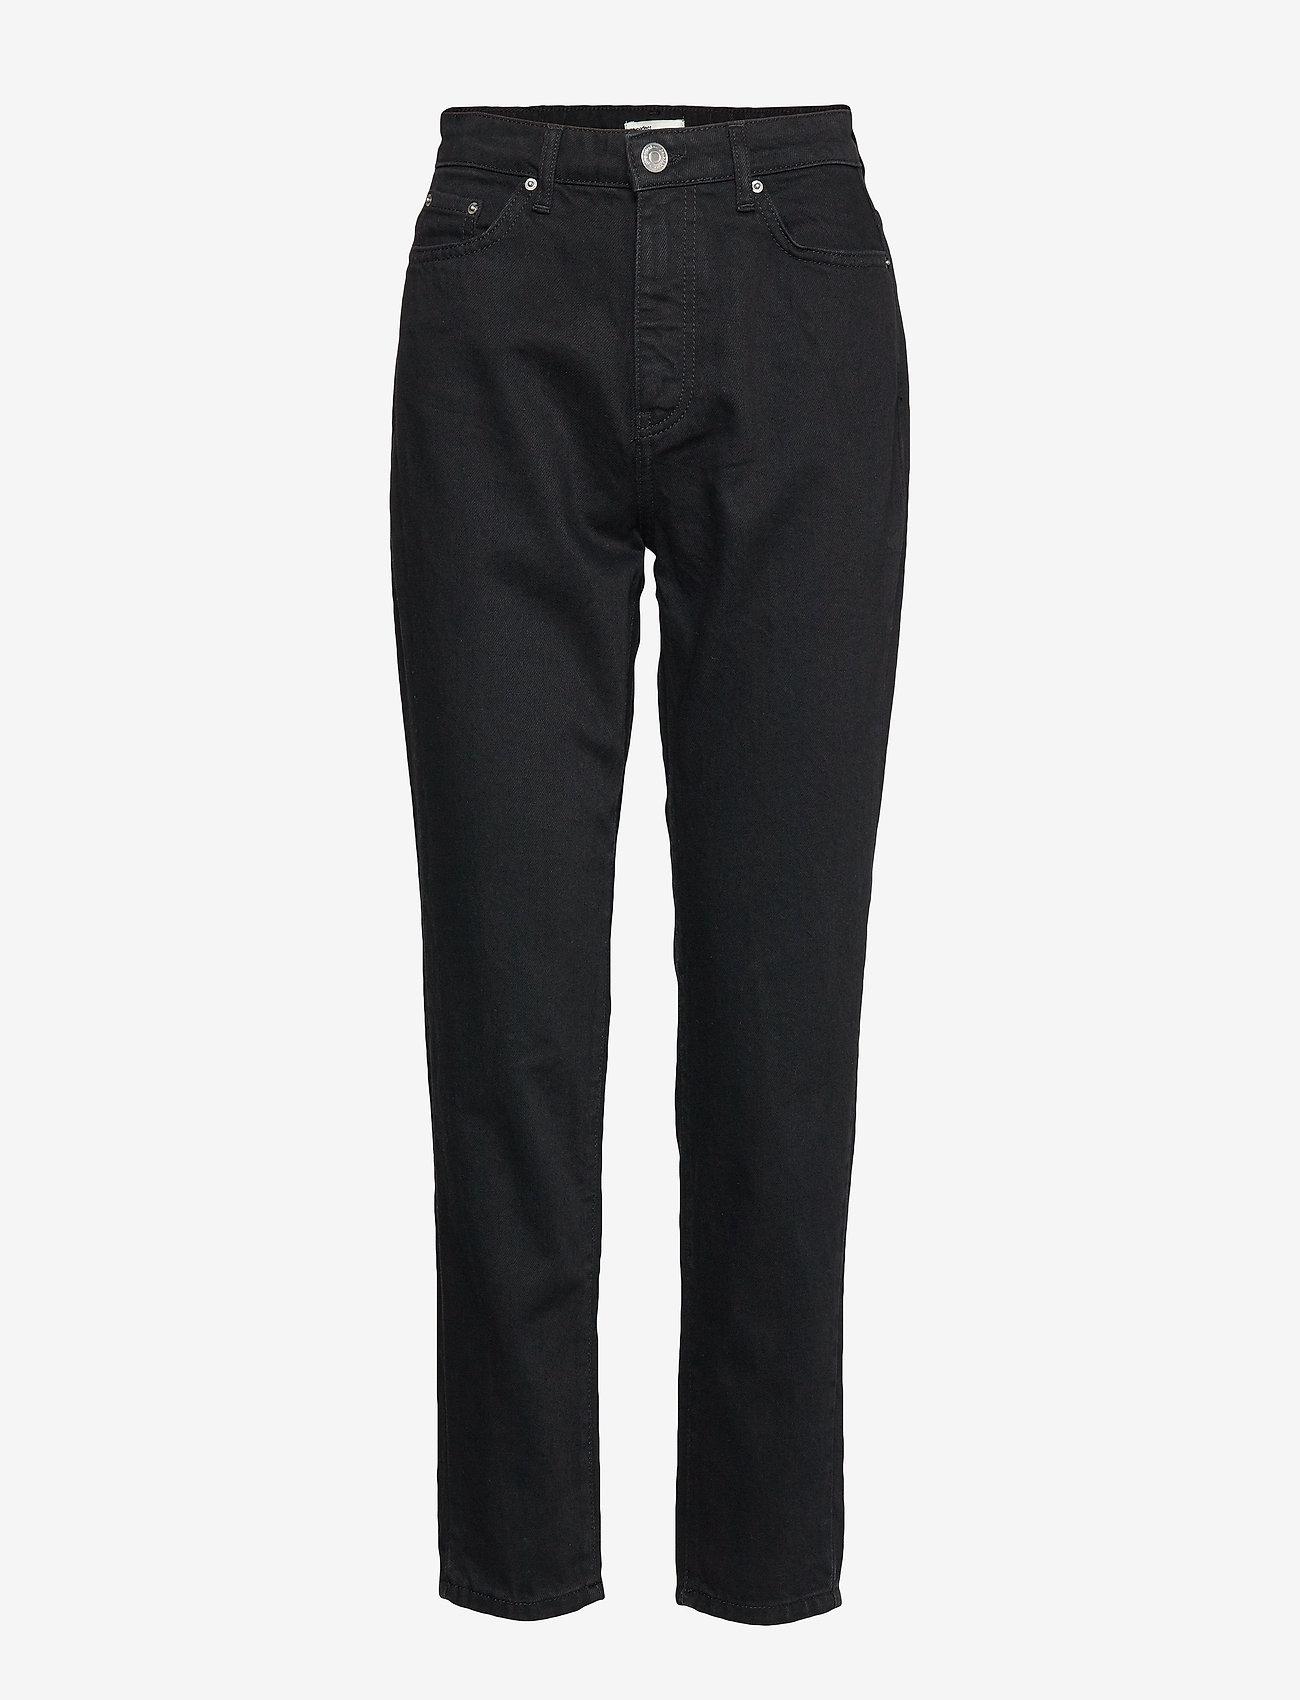 Gina Tricot - Dagny mom jeans - mom jeans - black - 0